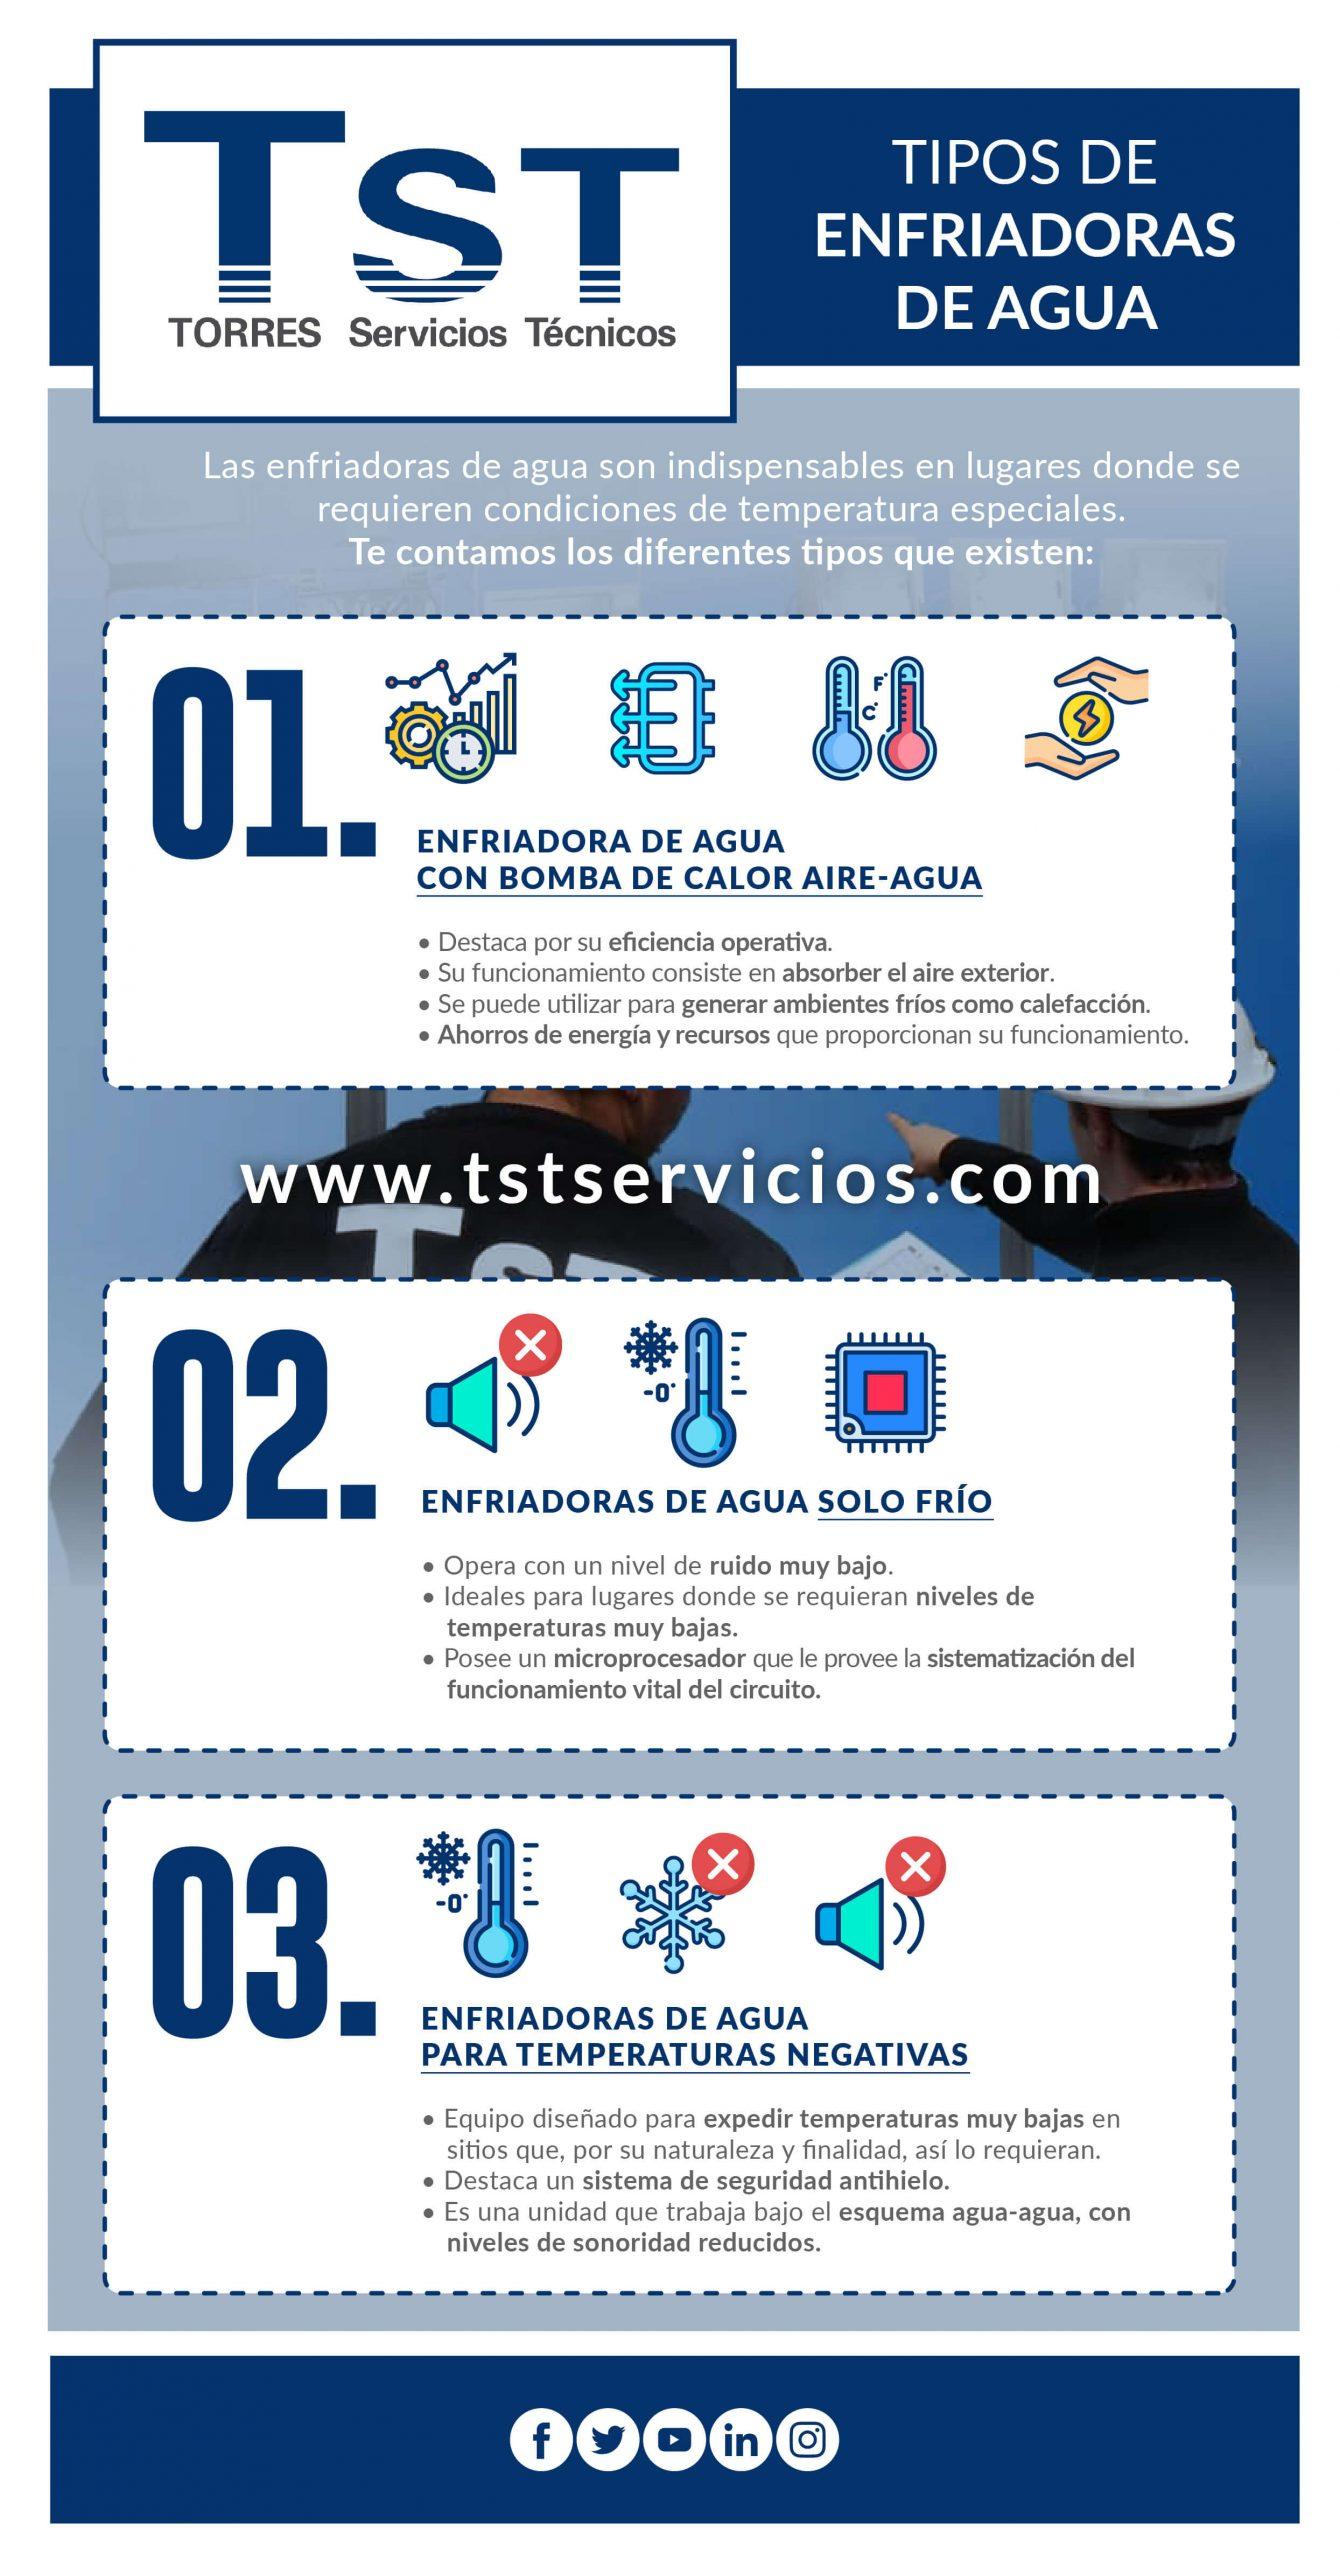 Infografía de las enfriadoras de agua TST